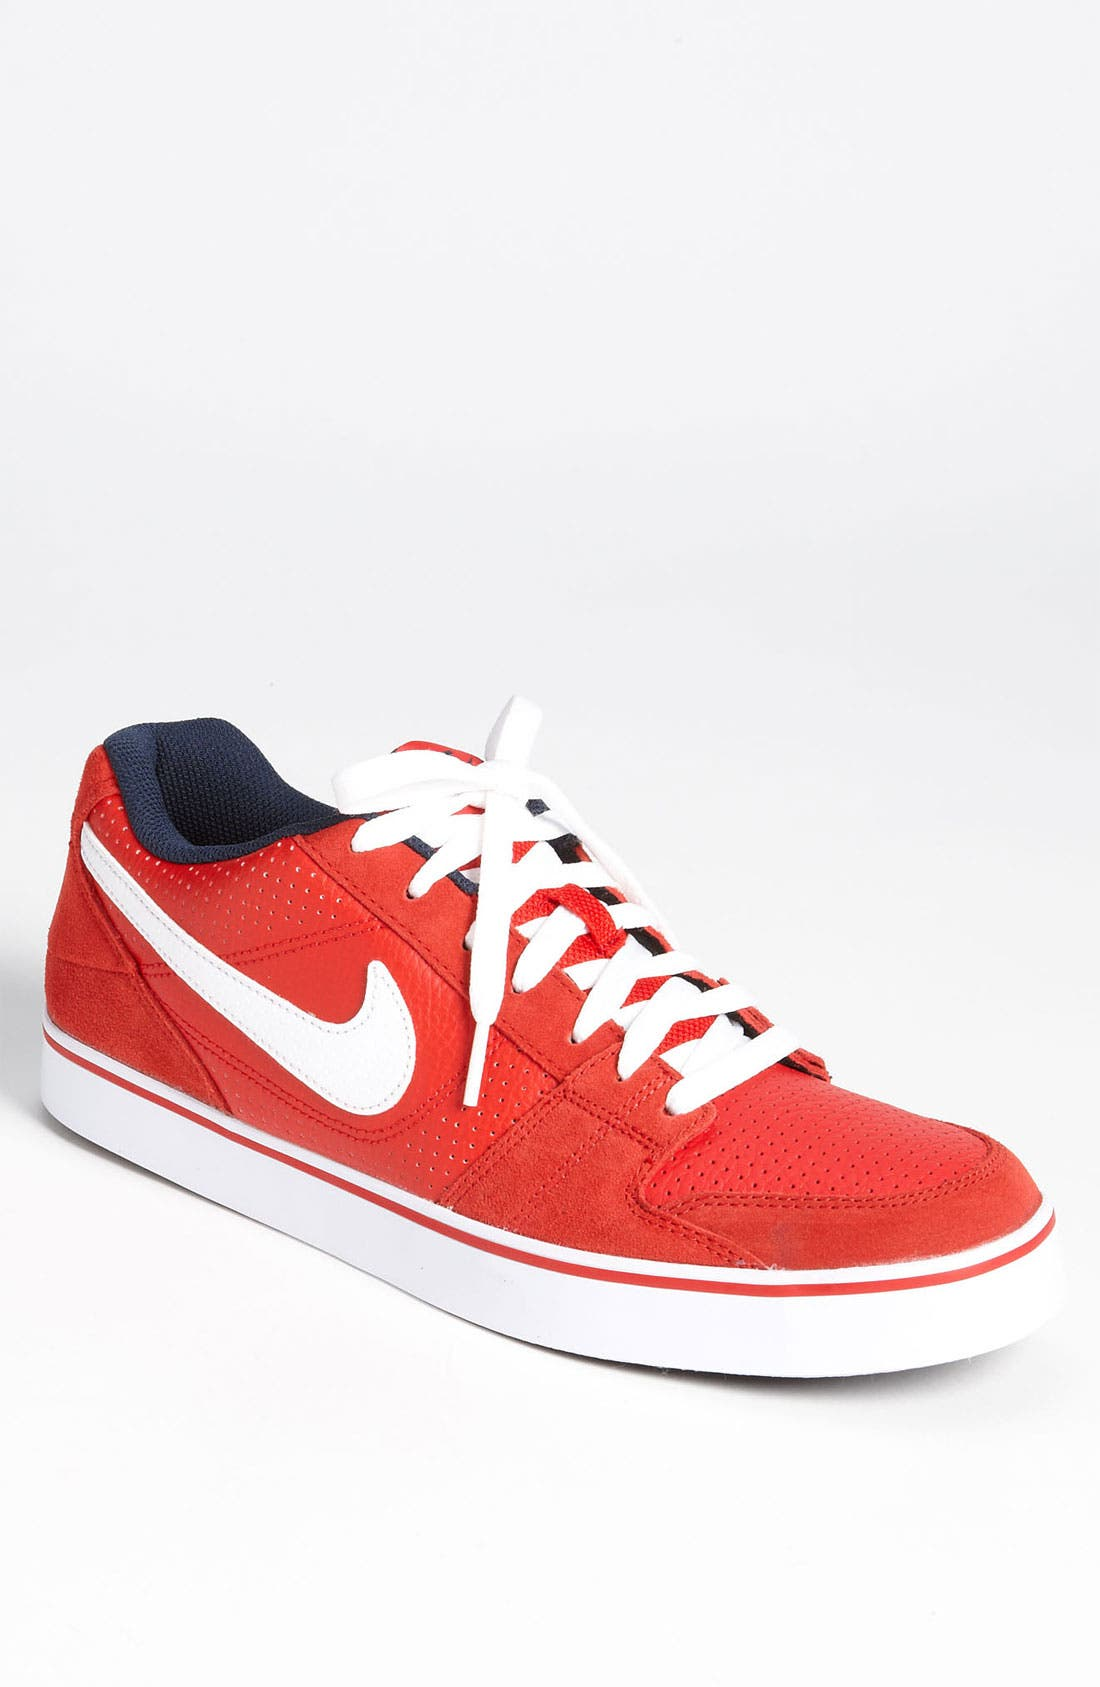 Main Image - Nike 'Ruckus Low' Sneaker (Men)